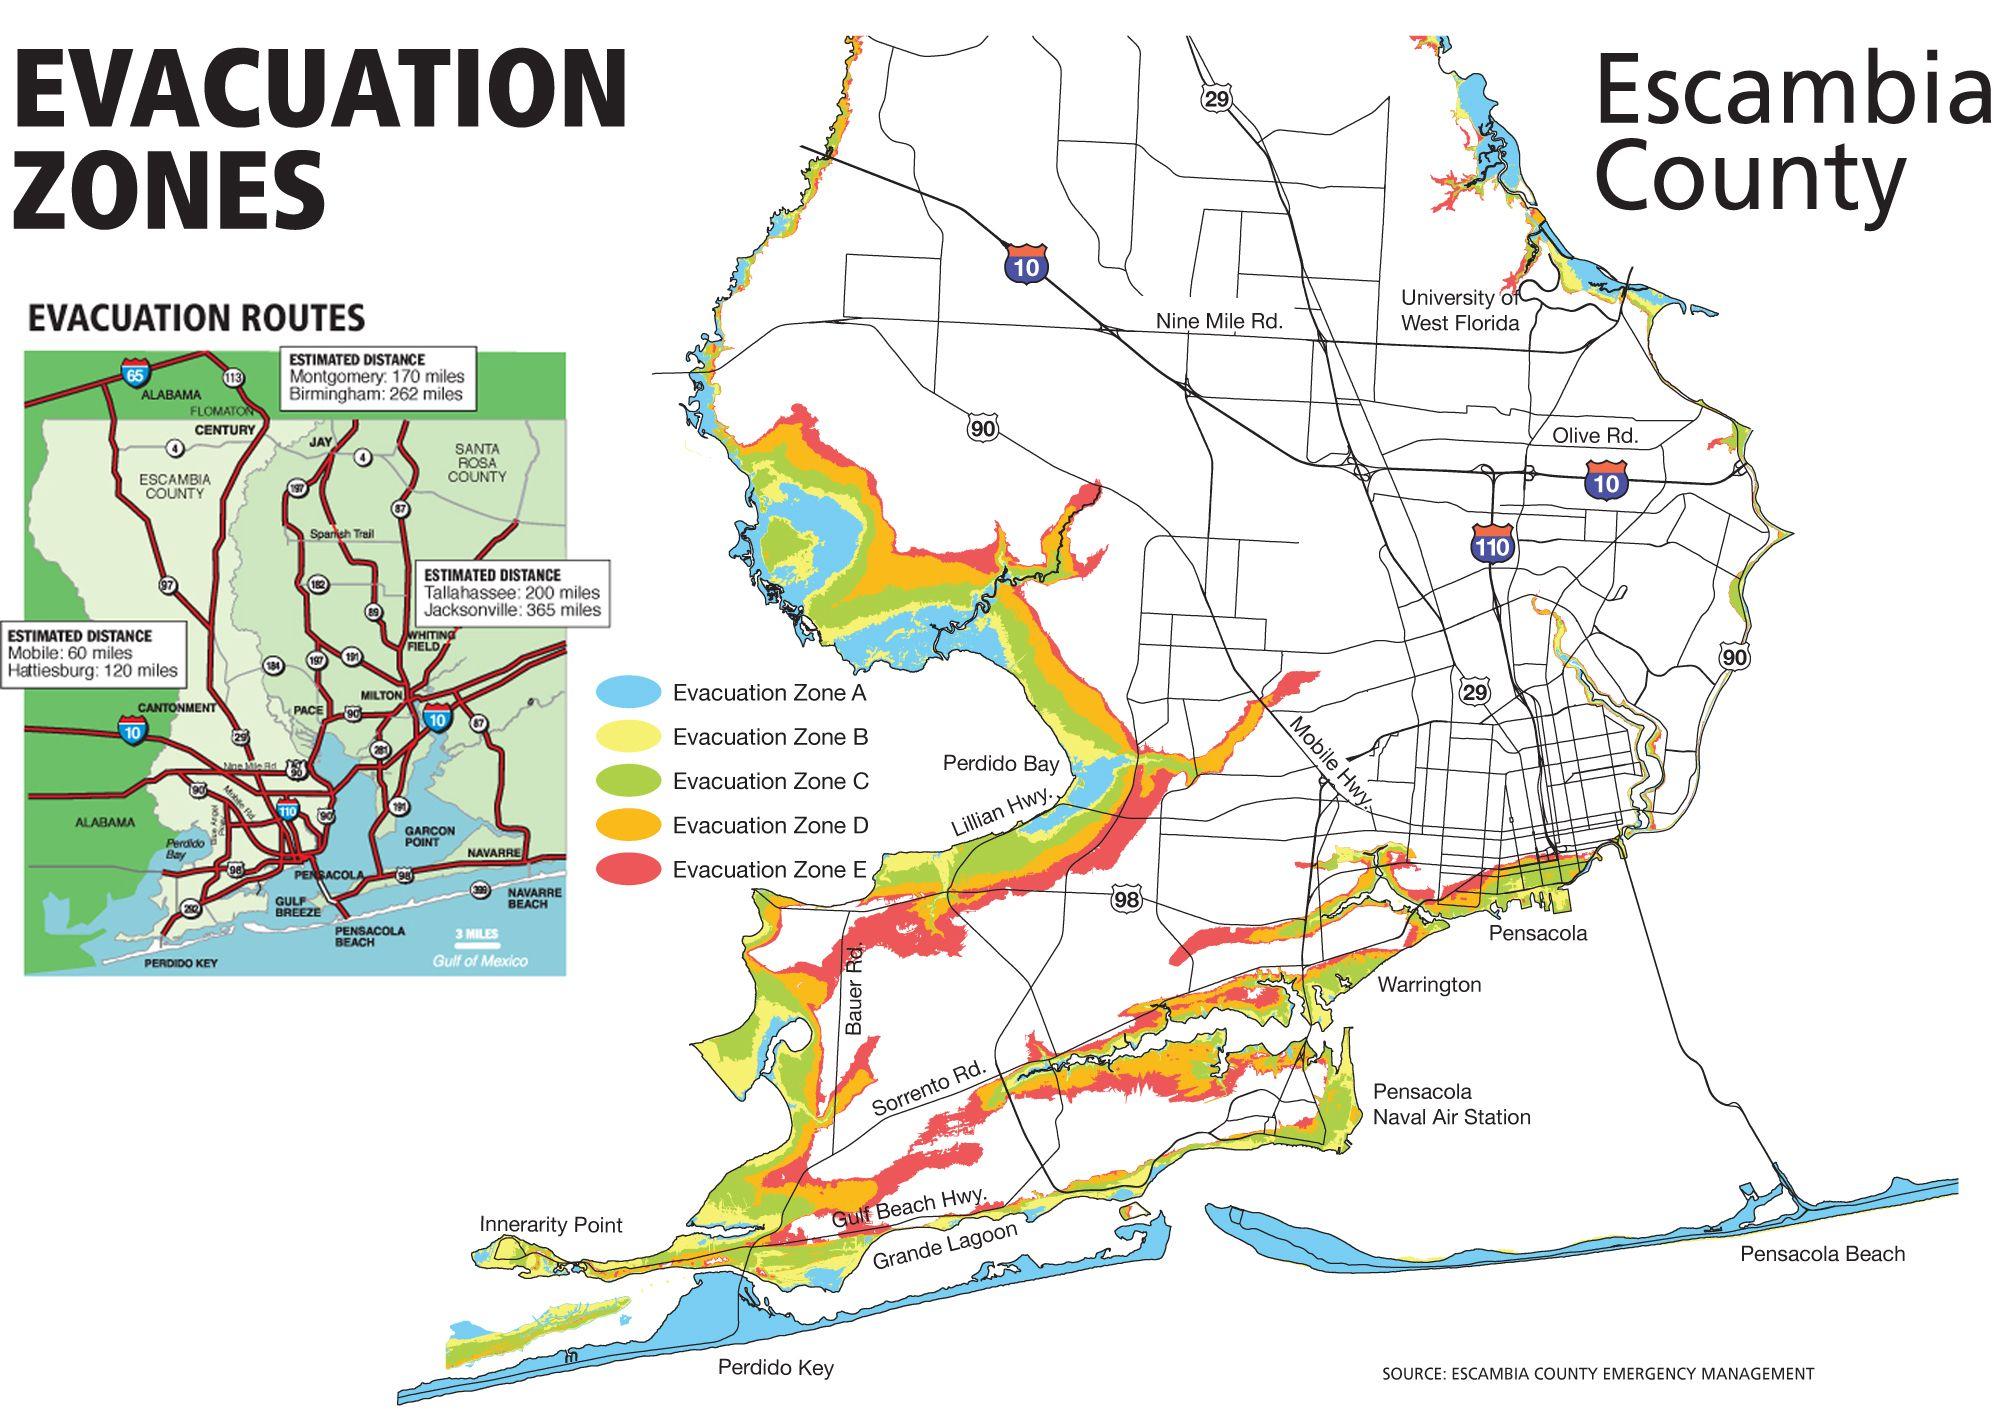 Hurricane Evacuation Zones Escambia County Pensacola News Journal Pnj Com Hurricane Evacuation Hurricane Preparedness Escambia County